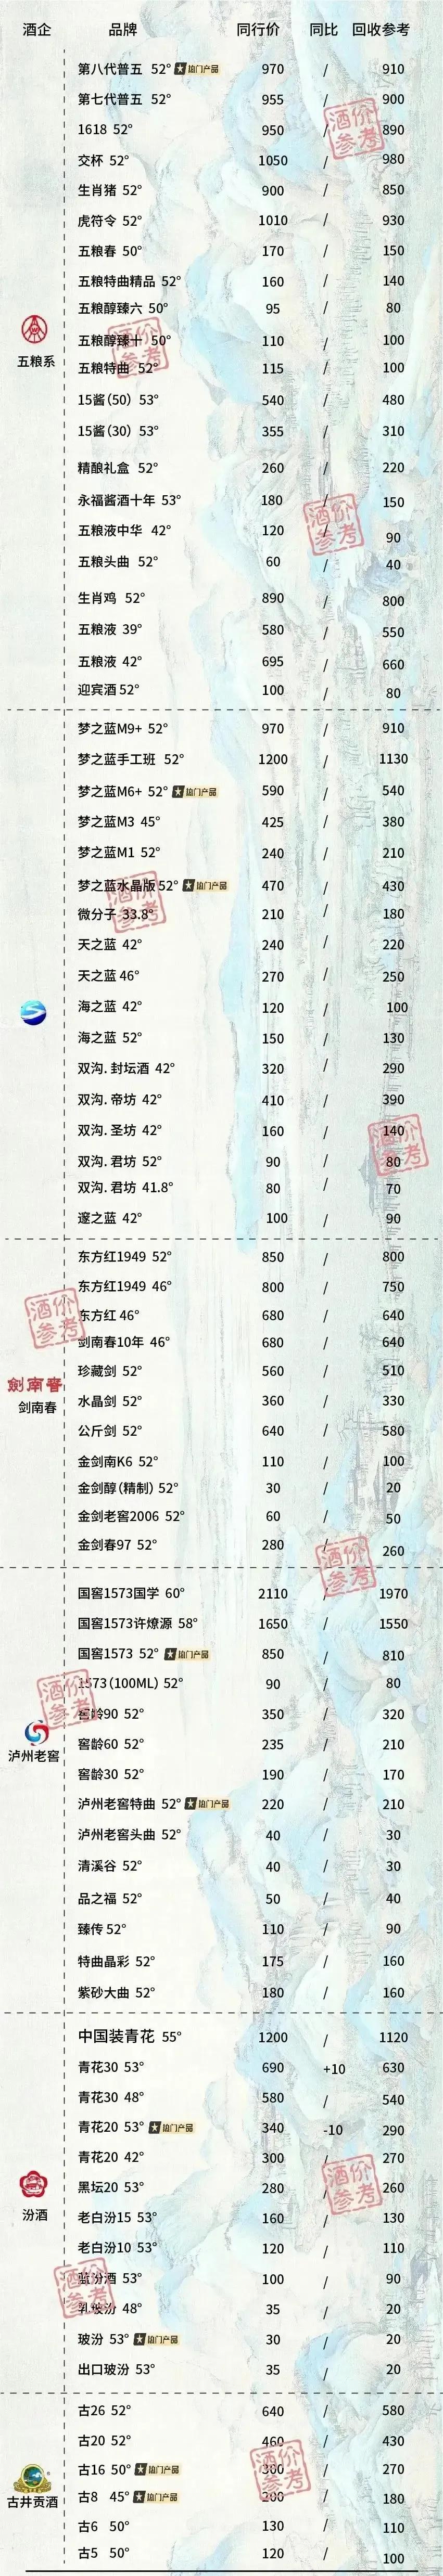 成都白酒回收价格表图片1